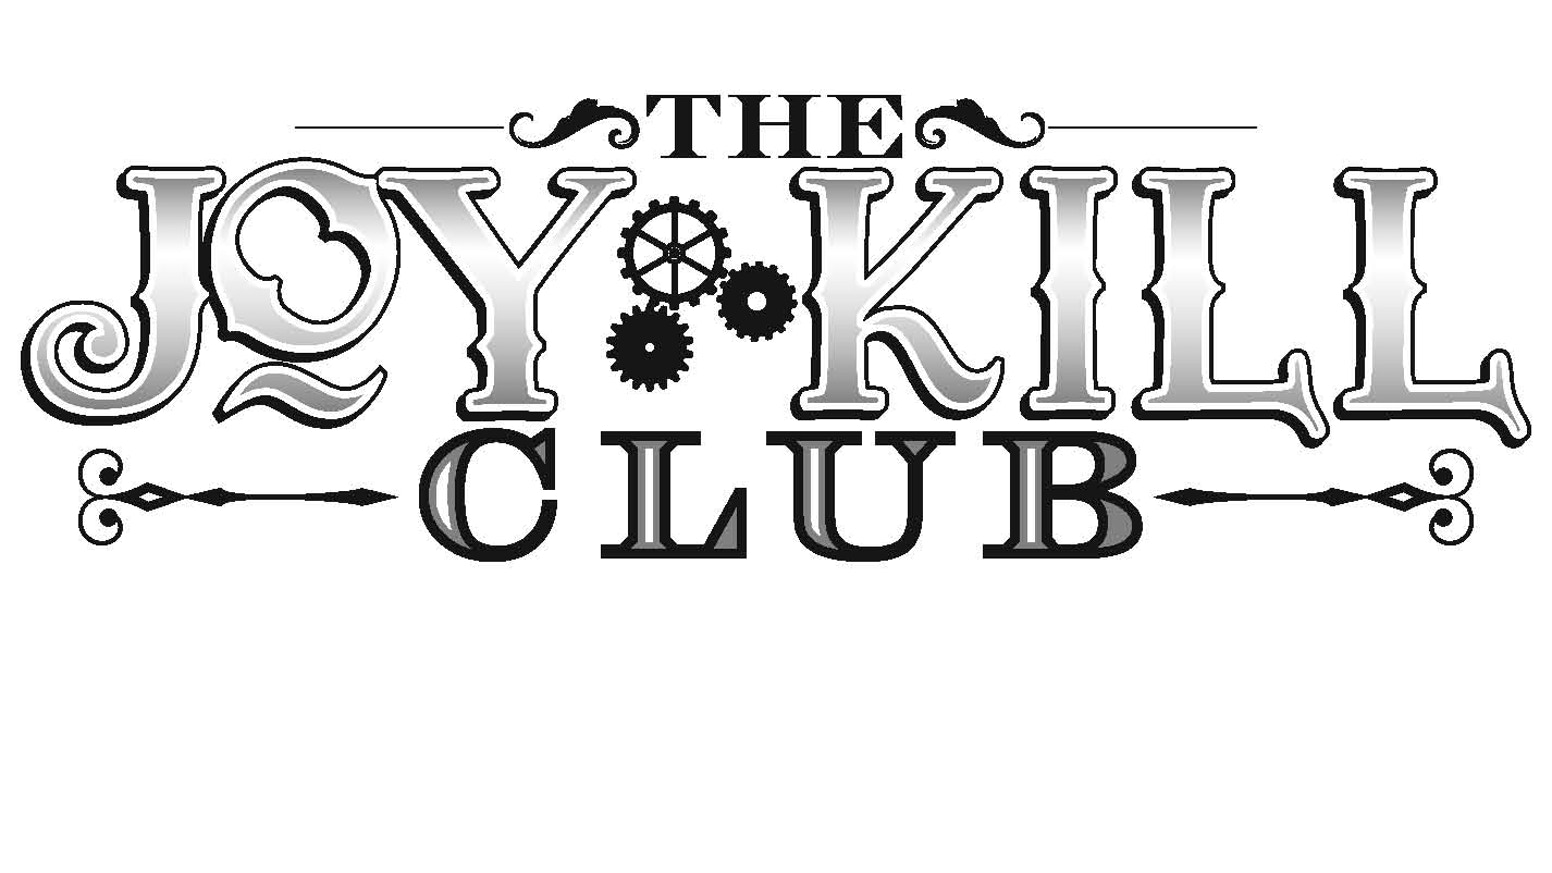 Joy Kill Club by Paul Soileau — Kickstarter